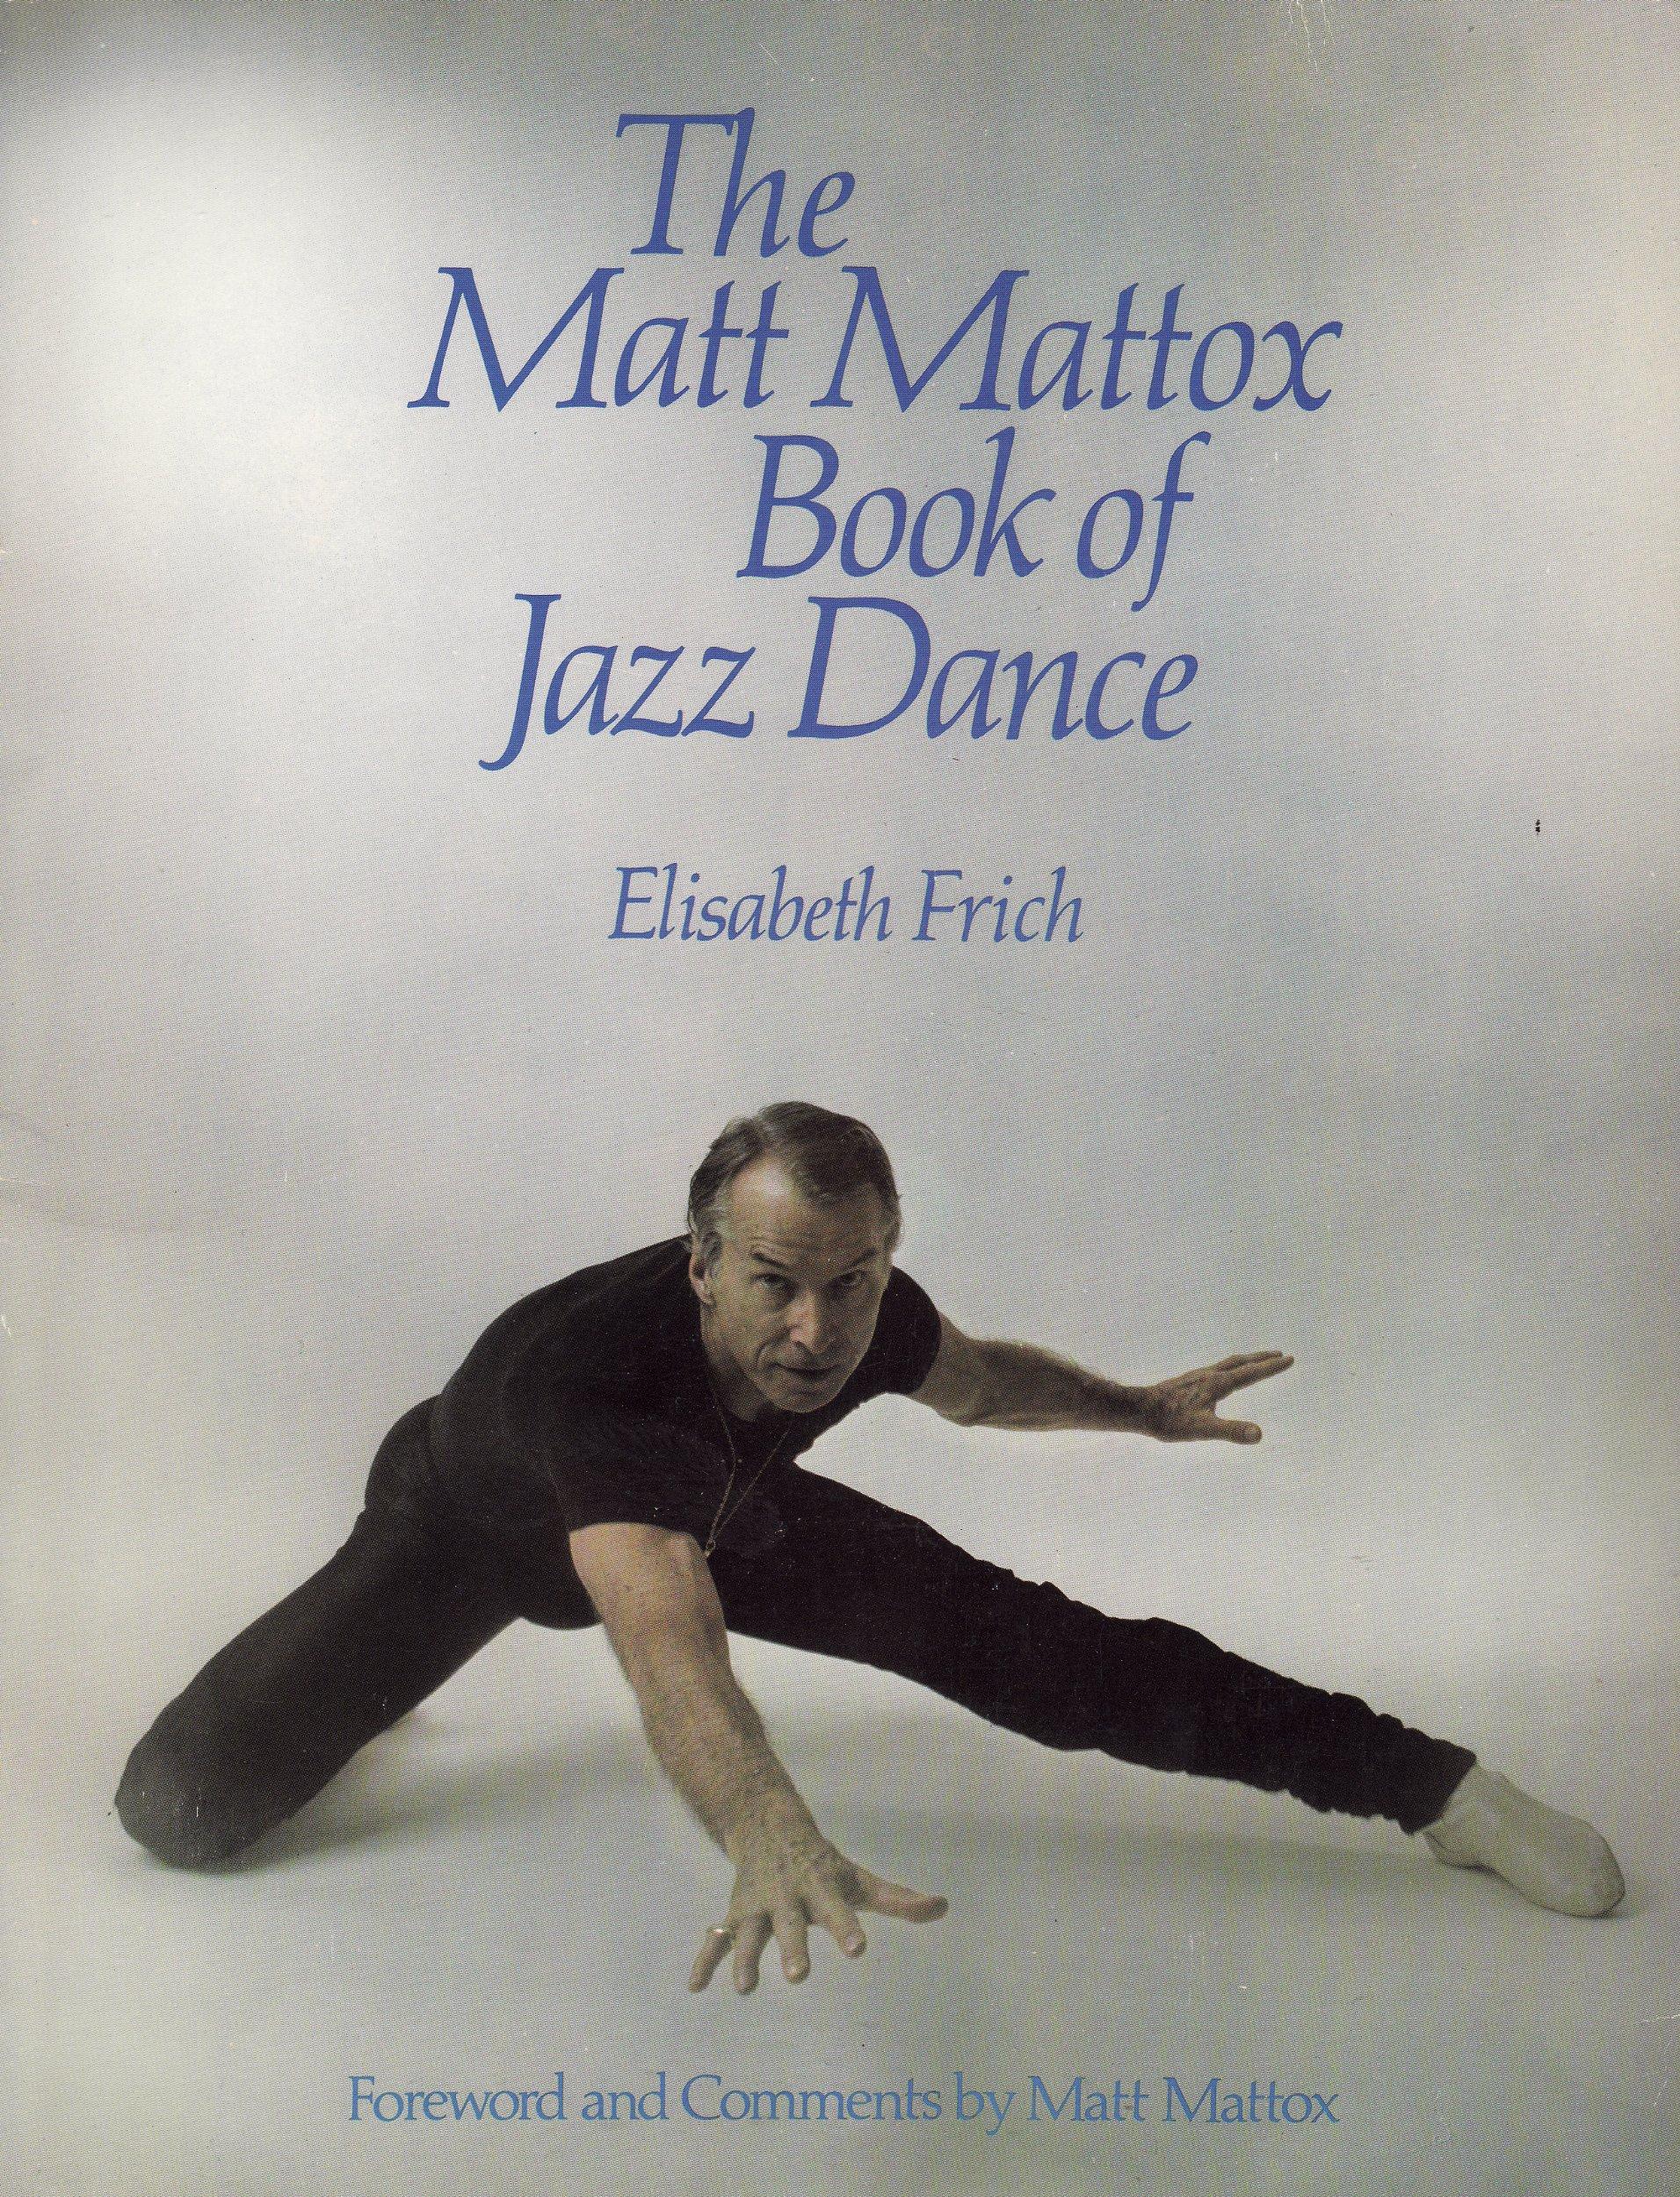 Matt Mattox Book of Jazz Dance